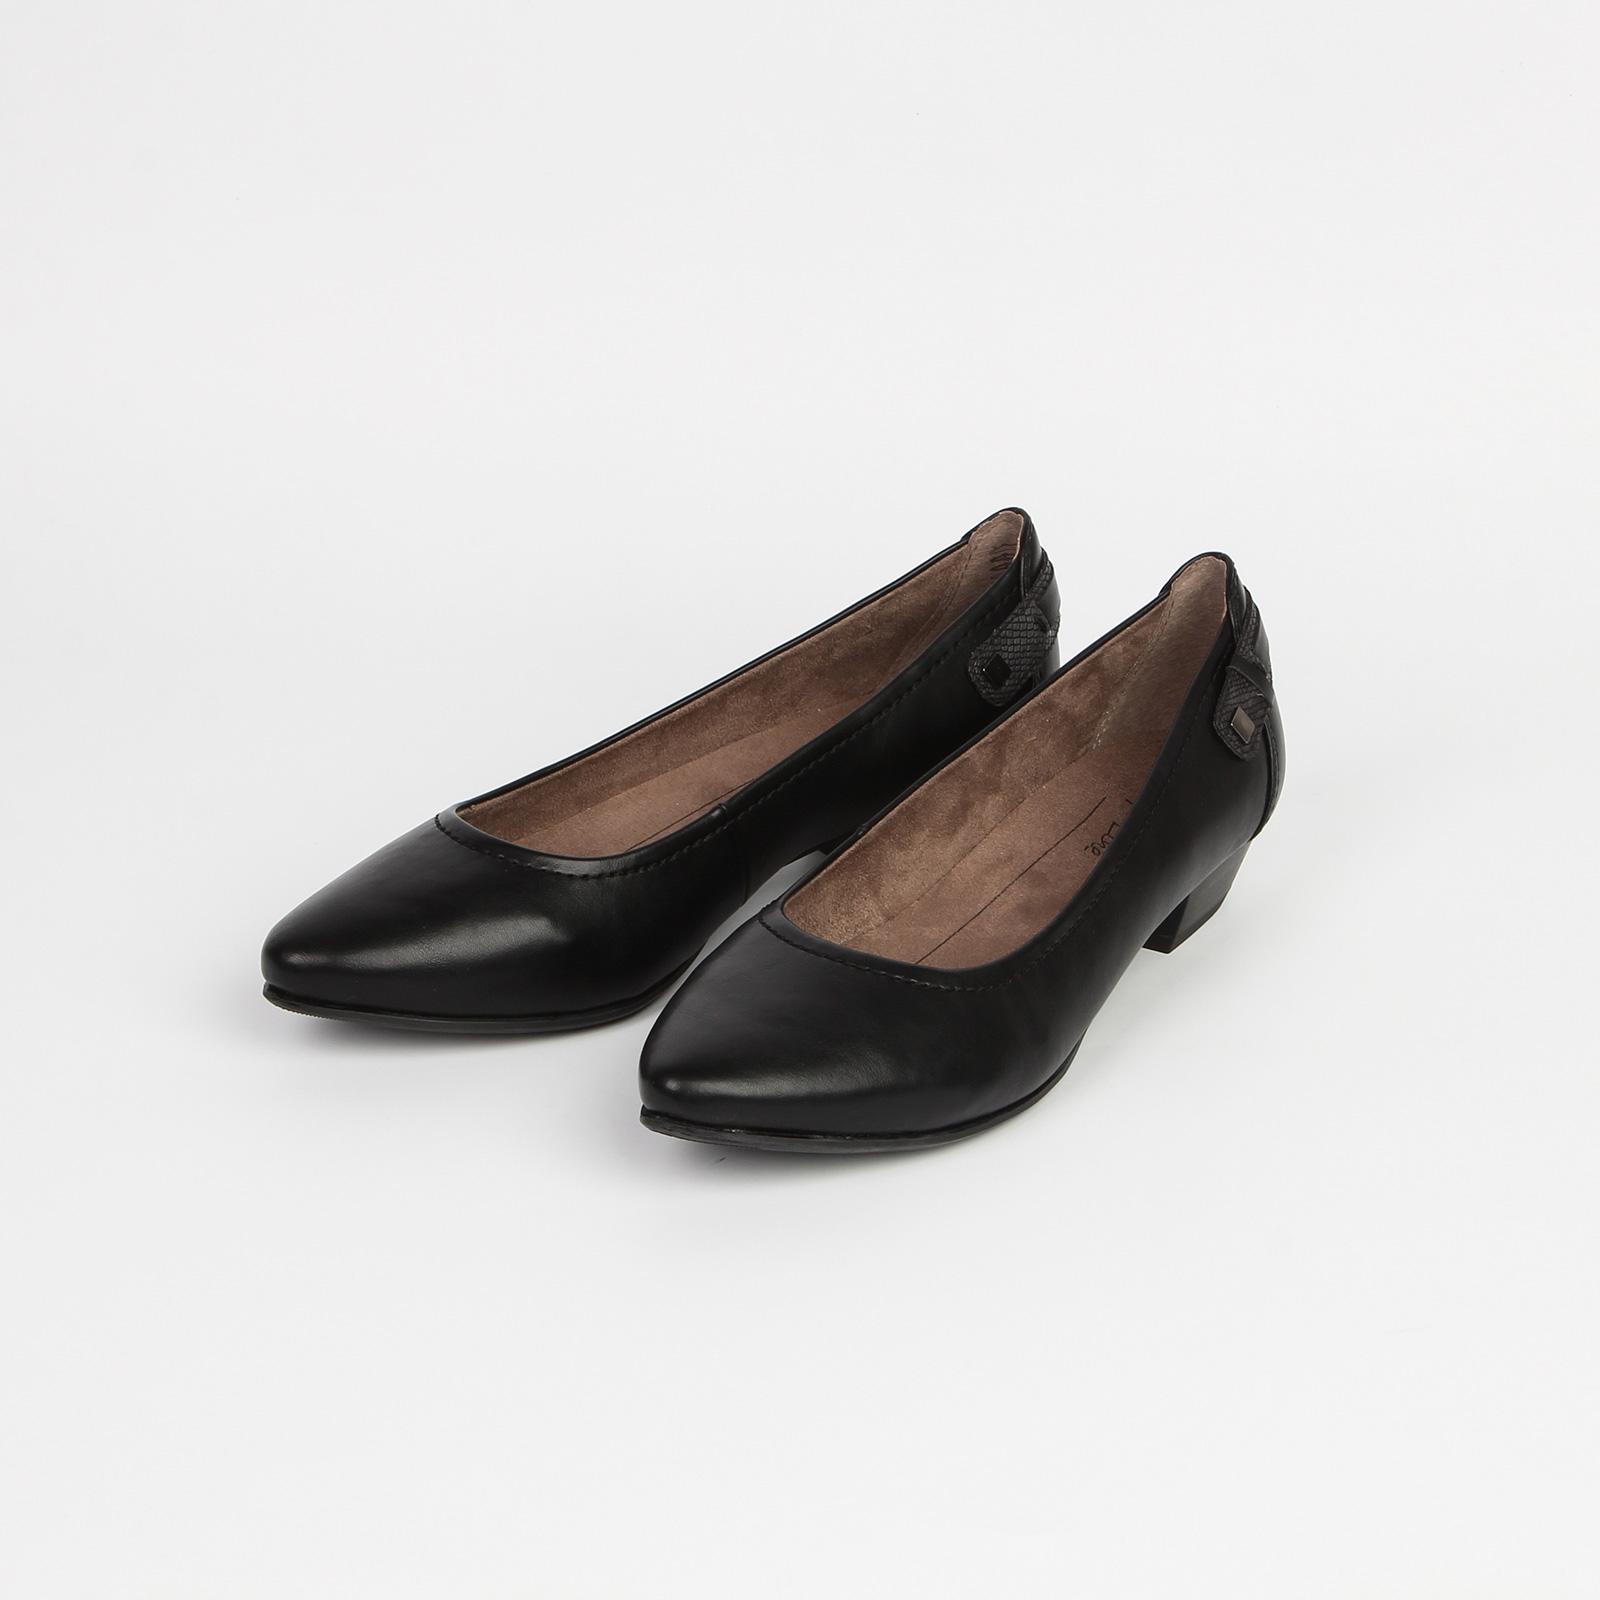 Туфли женские лодочки на устойчивом каблуке